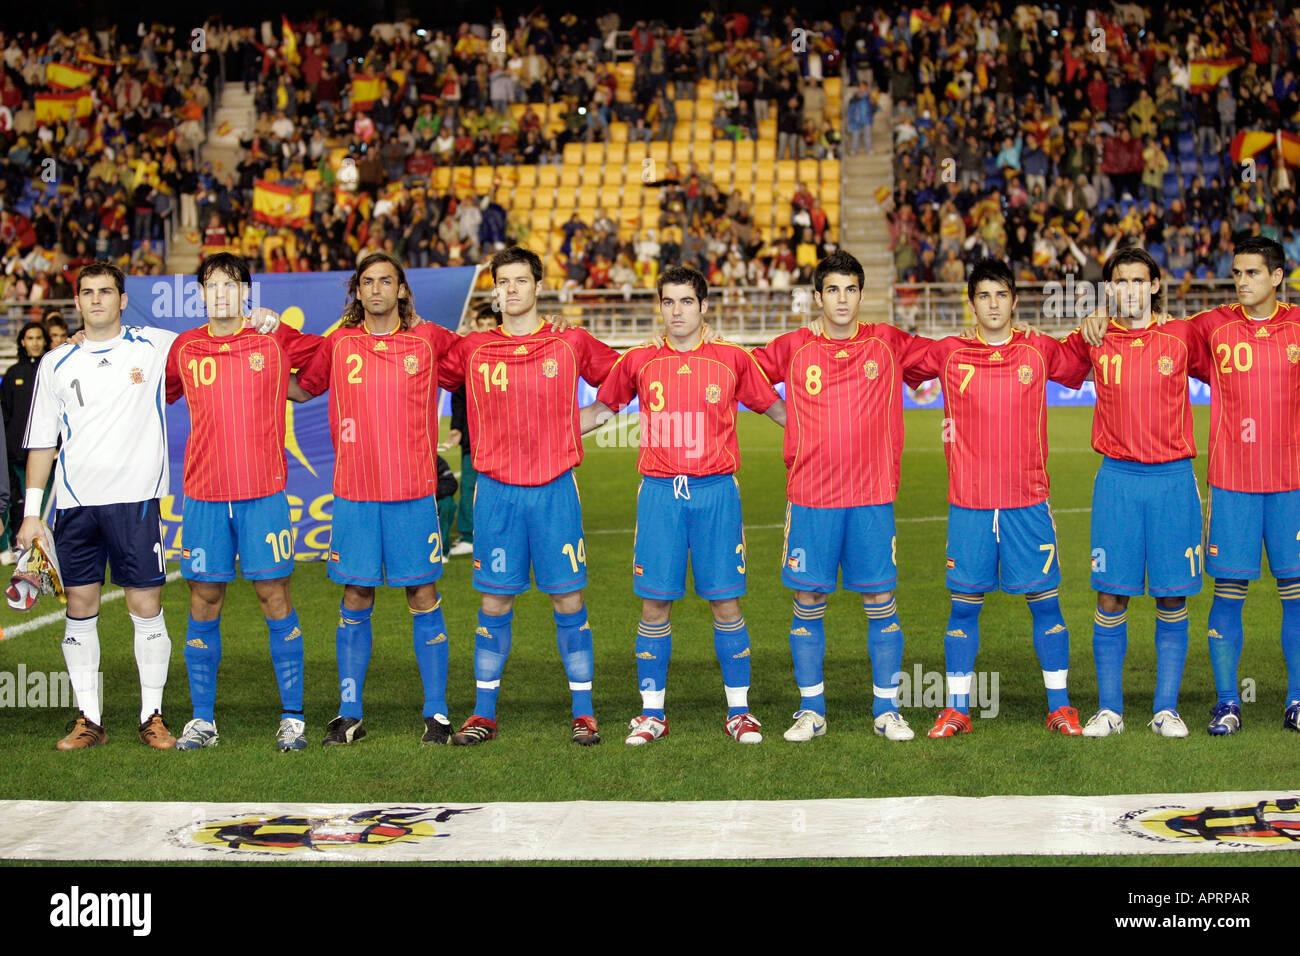 Hilo de la selección de España (selección española) The-spanish-squad-embracing-while-hearing-the-national-anthem-APRPAR